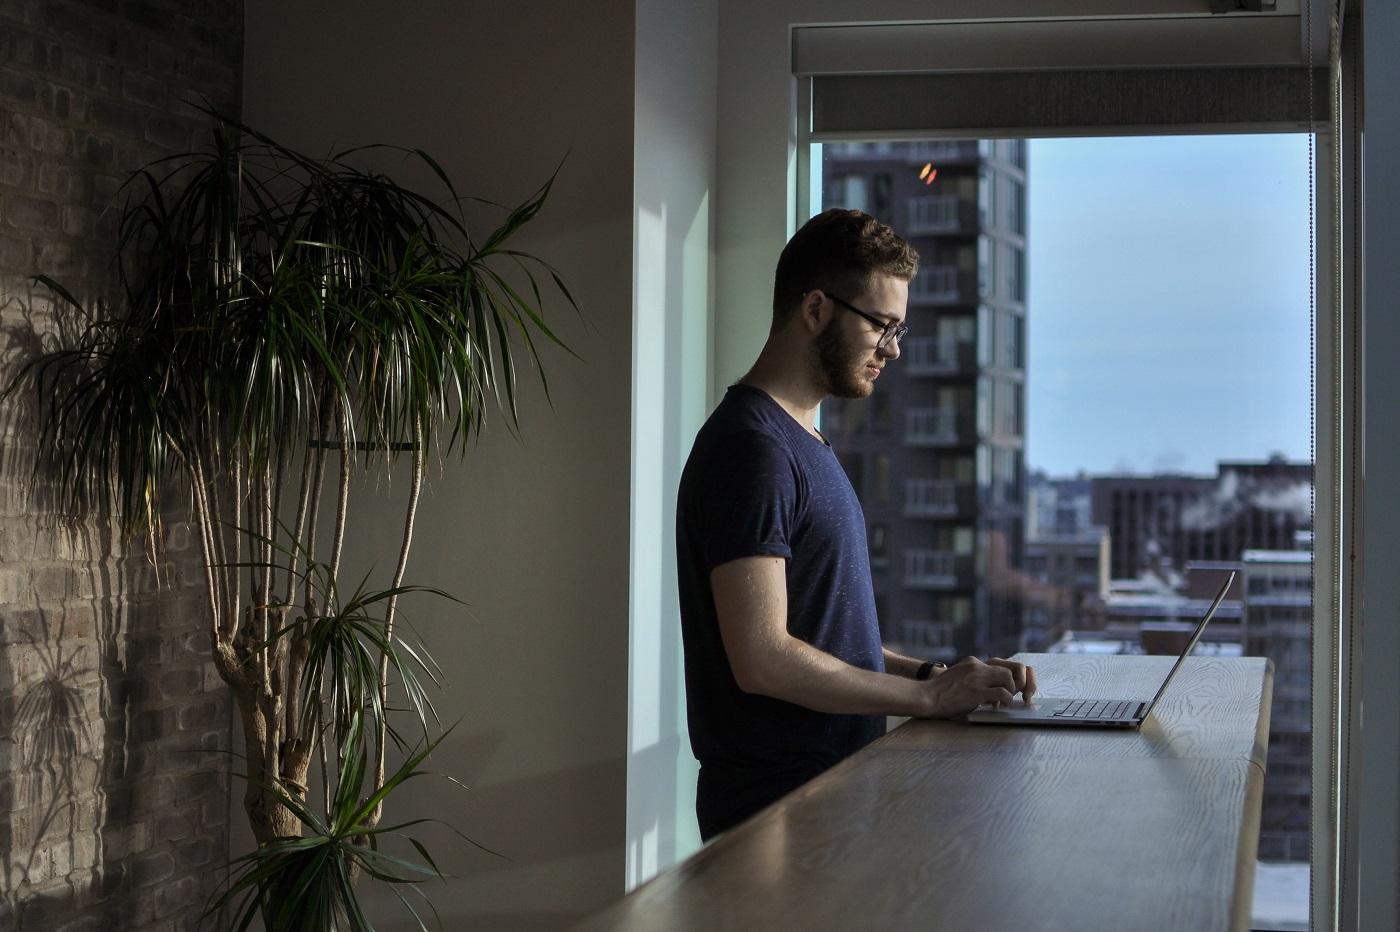 Télétravail : le grand boom des logiciels de surveillance fait polémique